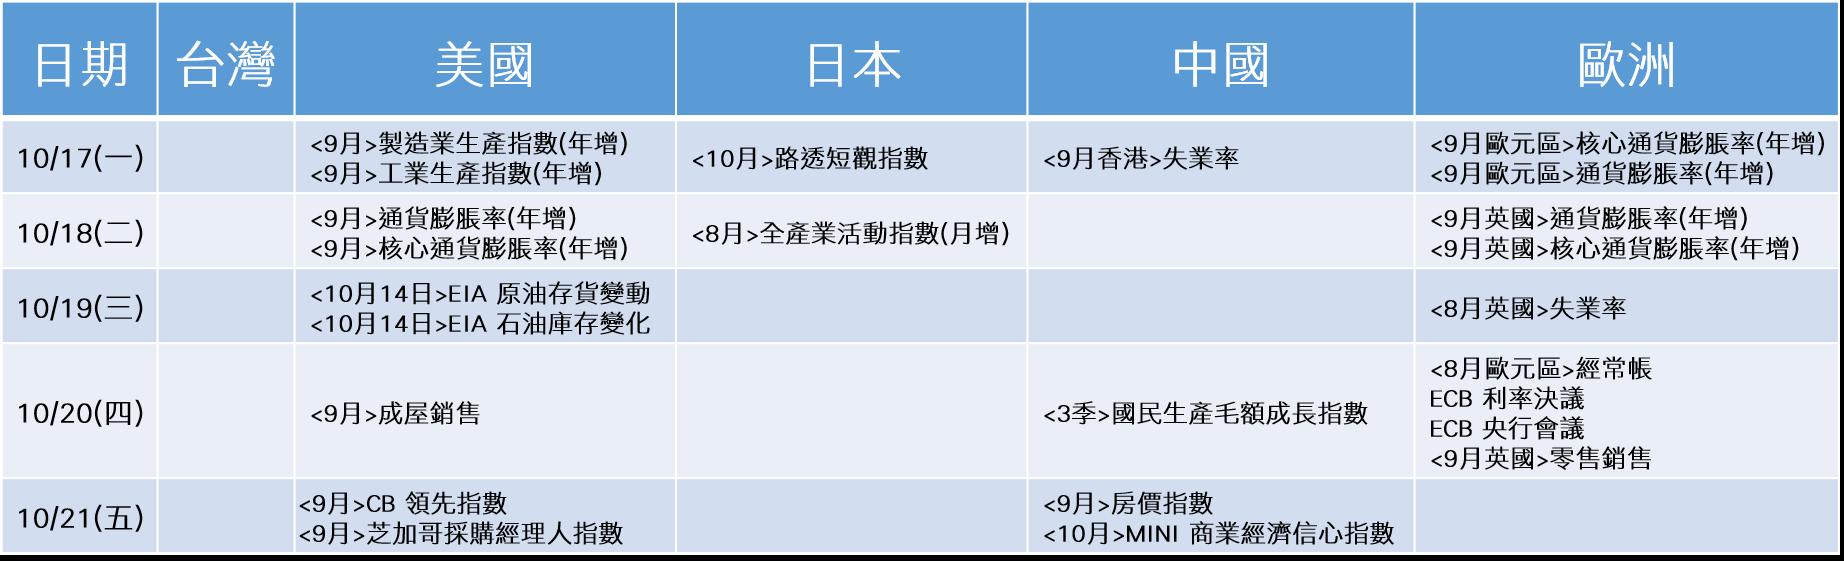 20161017~20161021_經濟事件